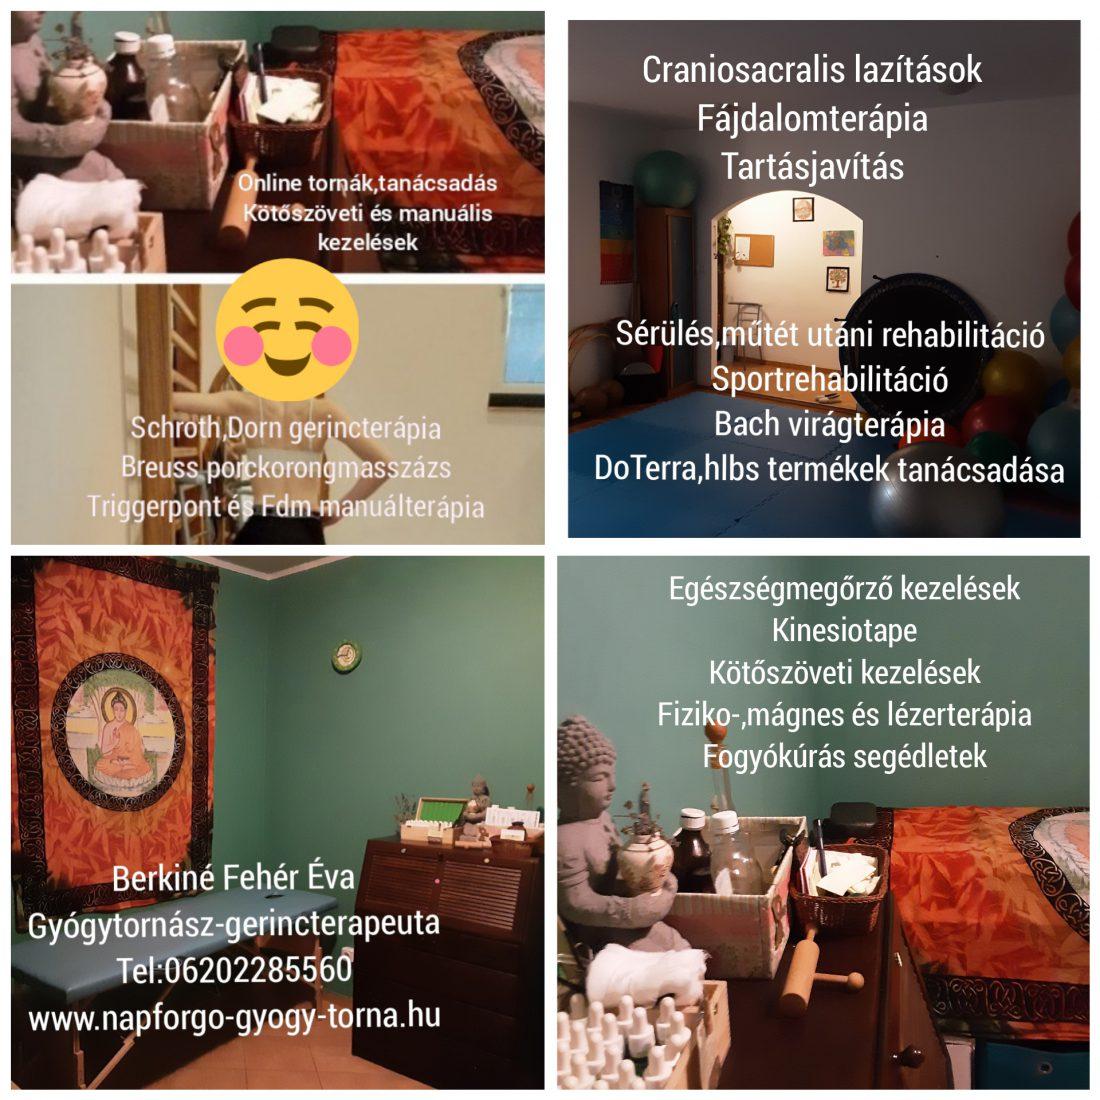 Gyógytorna-Egészségmegőrzés Pilisborosjenői Magánrendelő